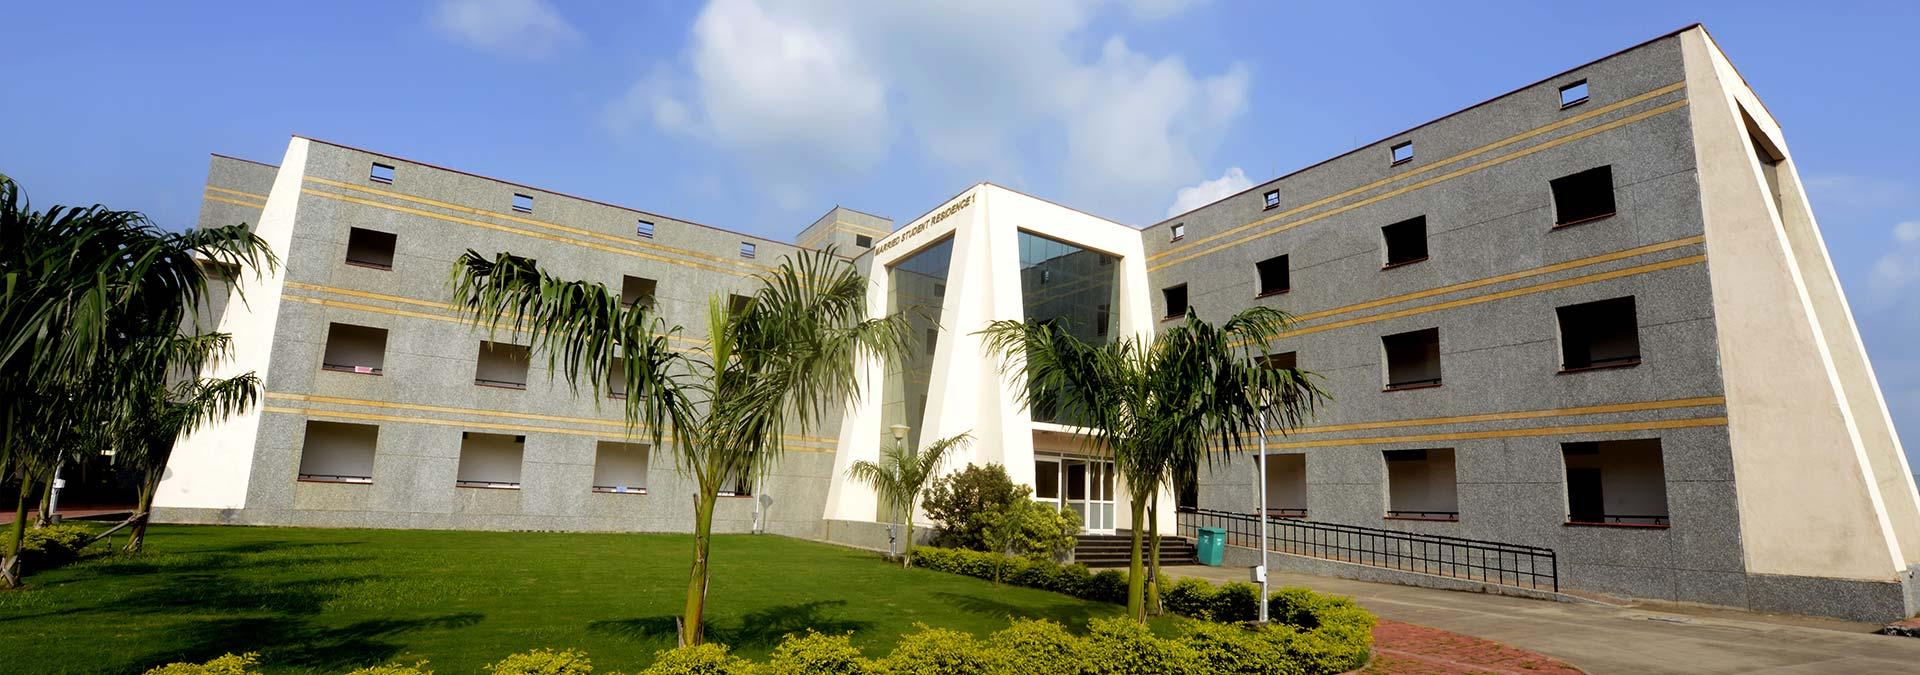 Institution image